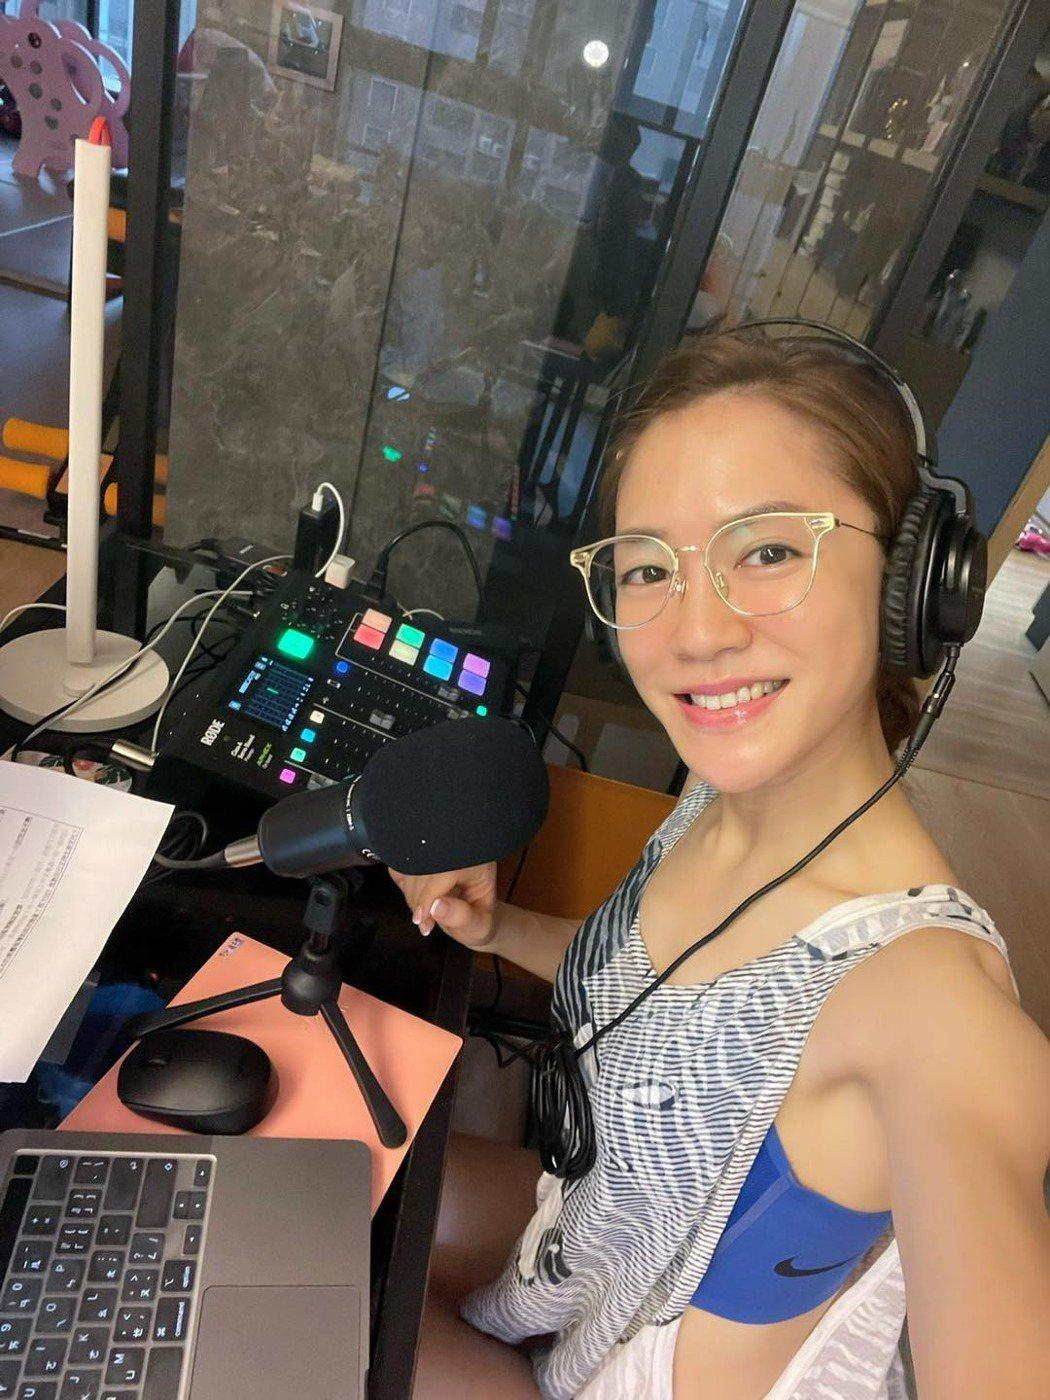 楊千霈在家錄製Podcast。圖/經紀人提供